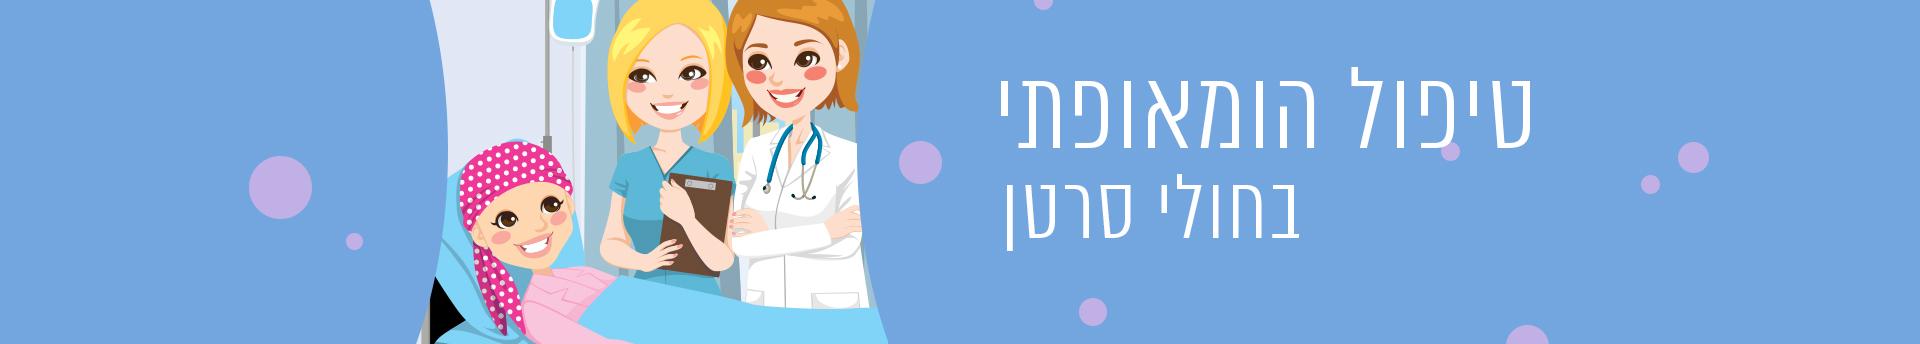 טיפול הומאופתי במחלת הסרטן